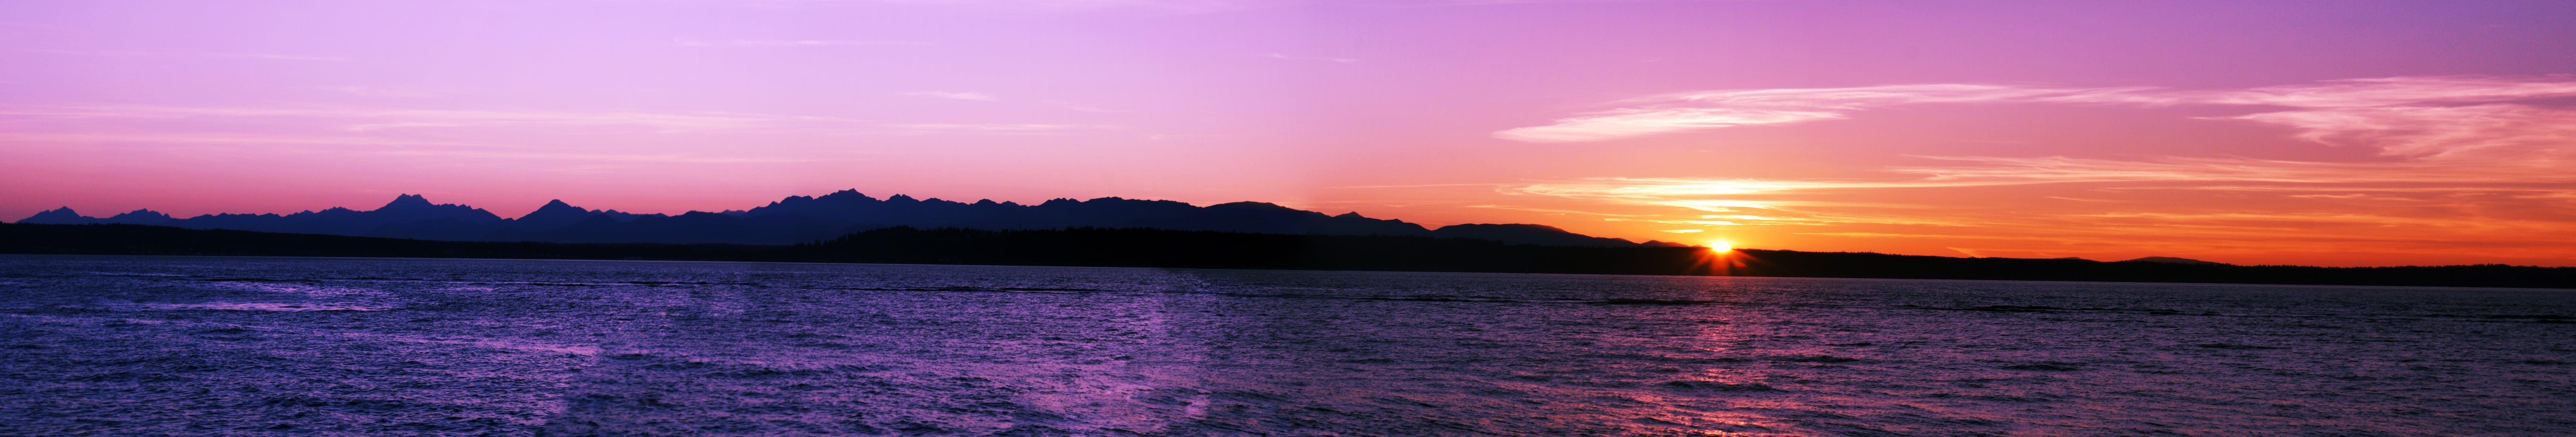 Základová fotografie zdarma na téma hory, krajina, moře, obloha